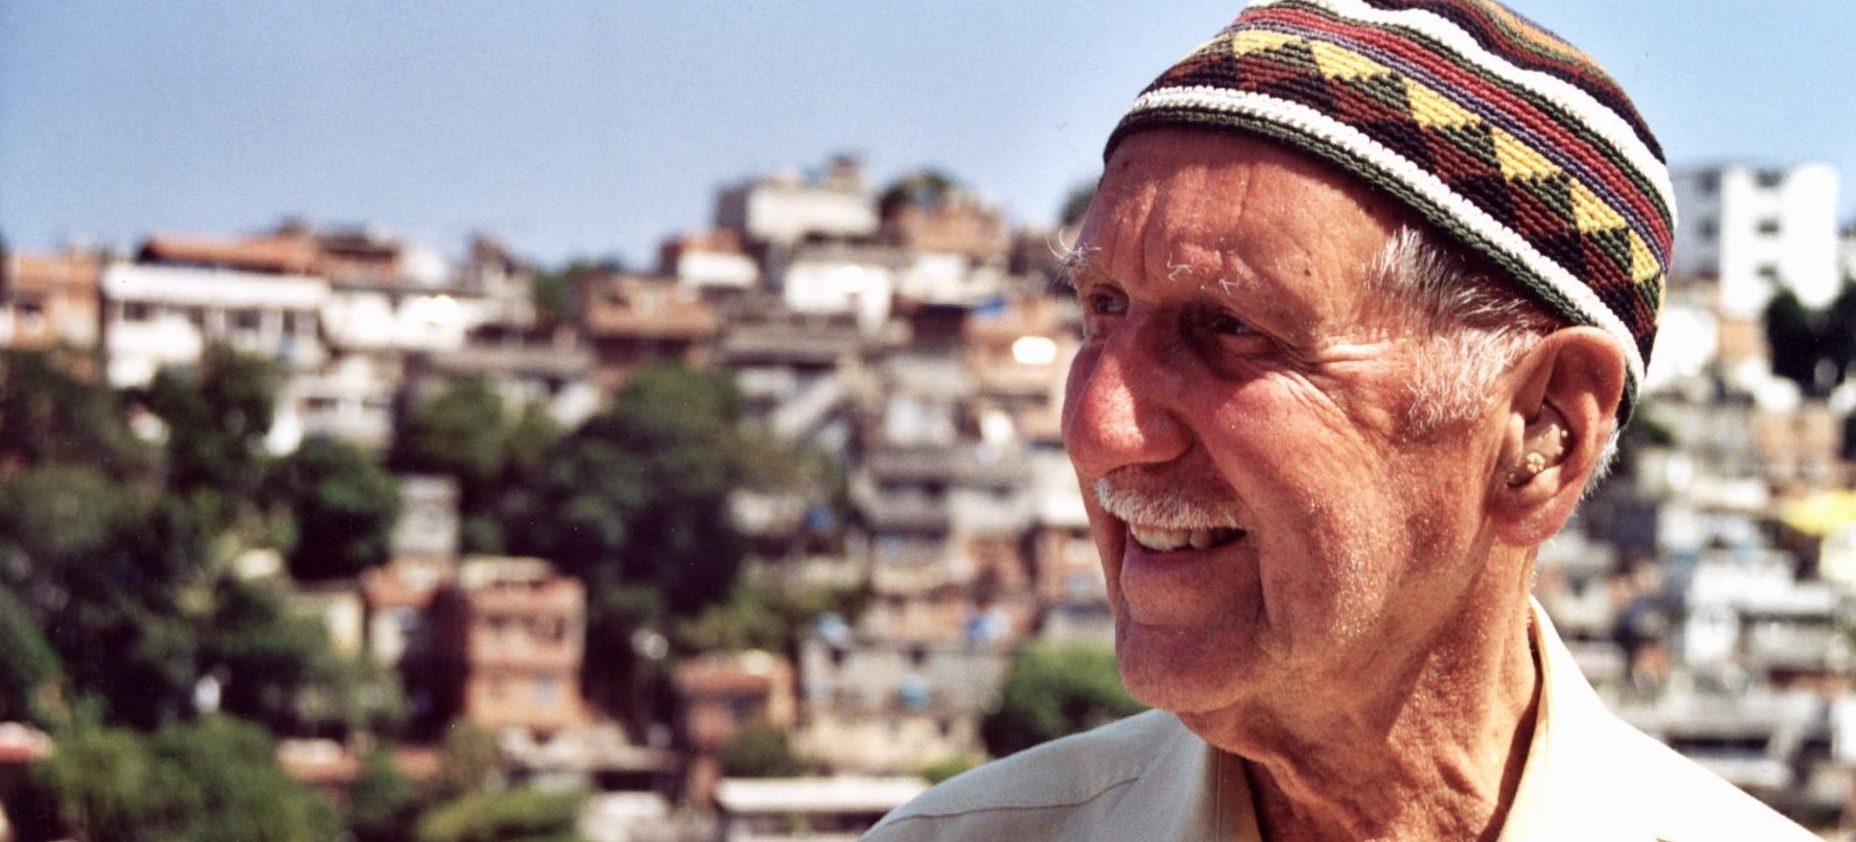 L'optimisme de Pierre Dansereau nous manque plus que jamais